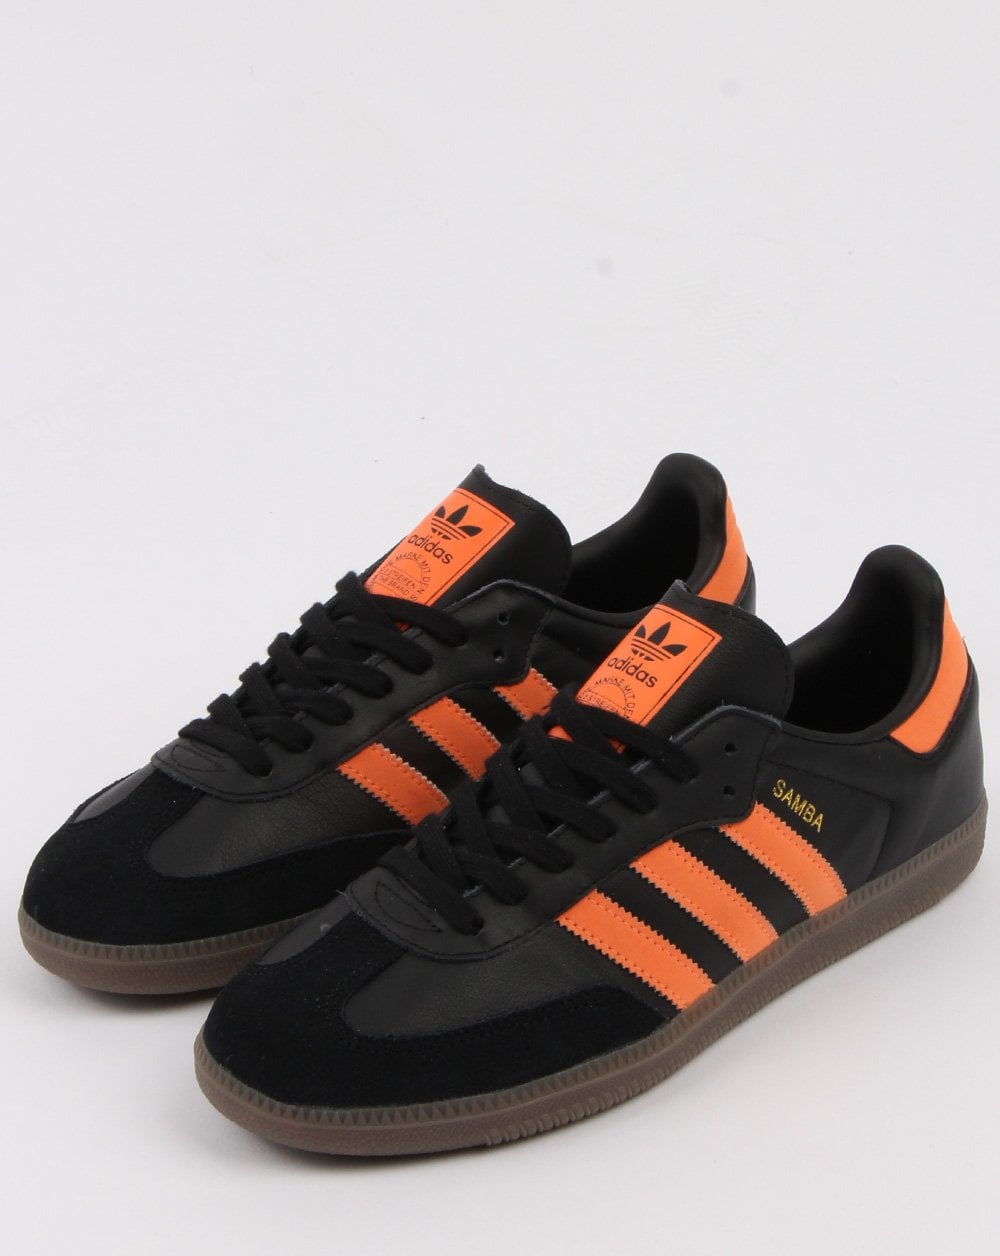 Adidas Samba Og Trainers Black Orange